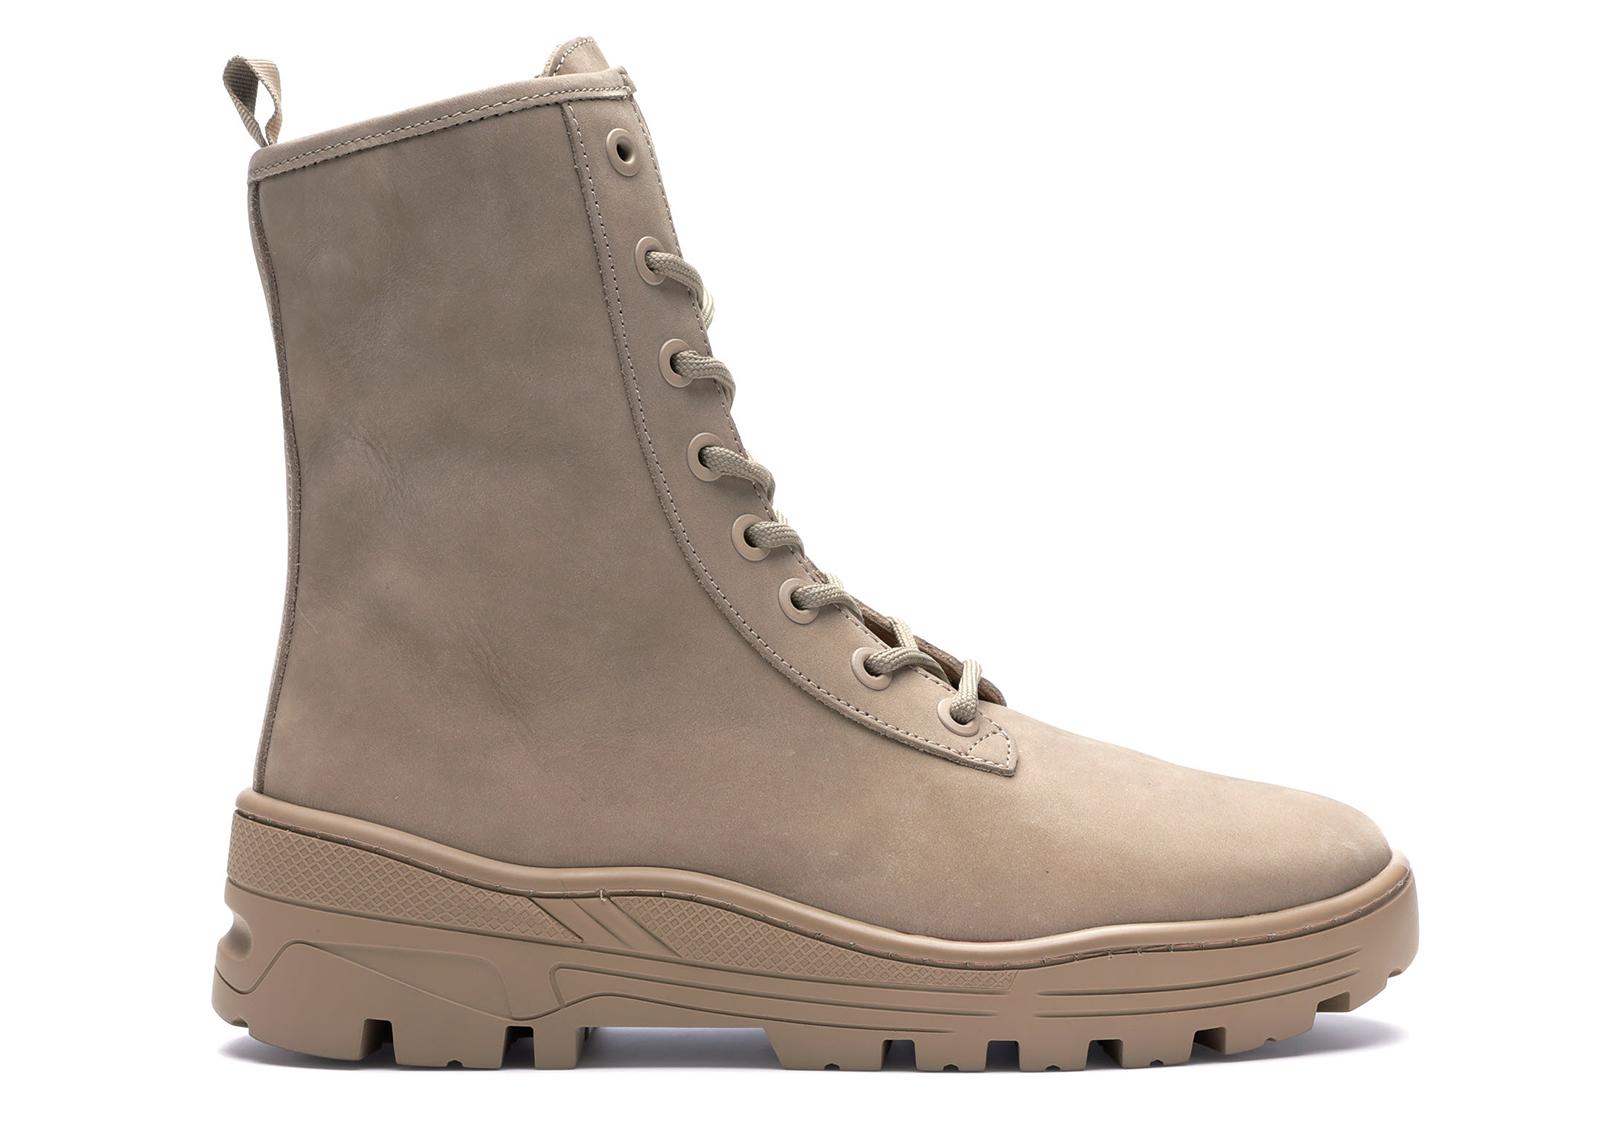 Yeezy Nubuck Boot Season 5 Taupe